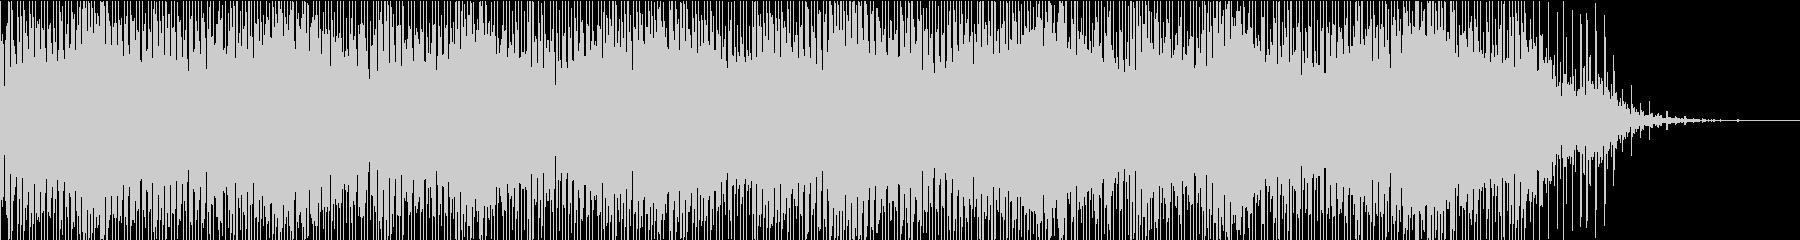 ふわふわ・キラキラした透明感のあるBGMの未再生の波形